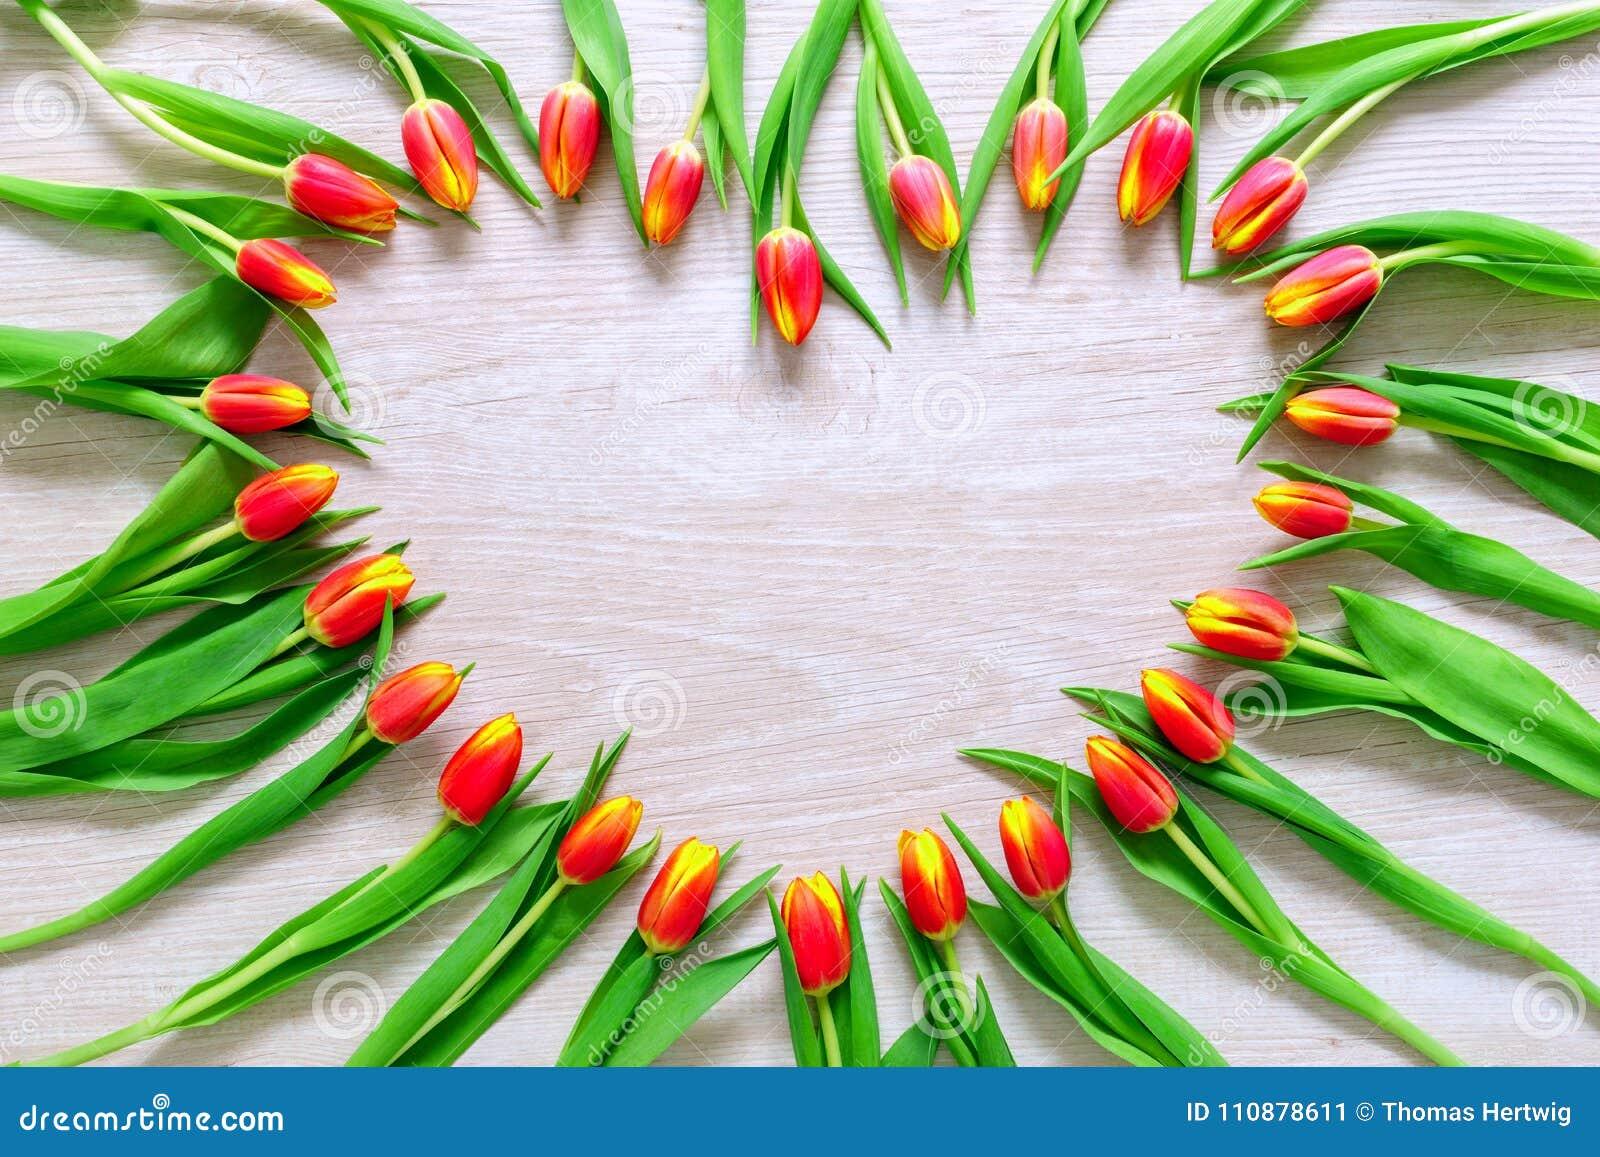 Сердце от красных тюльпанов цветет на деревенской таблице на день 8-ое марта, Международного женского дня, дня рождения, дня вале